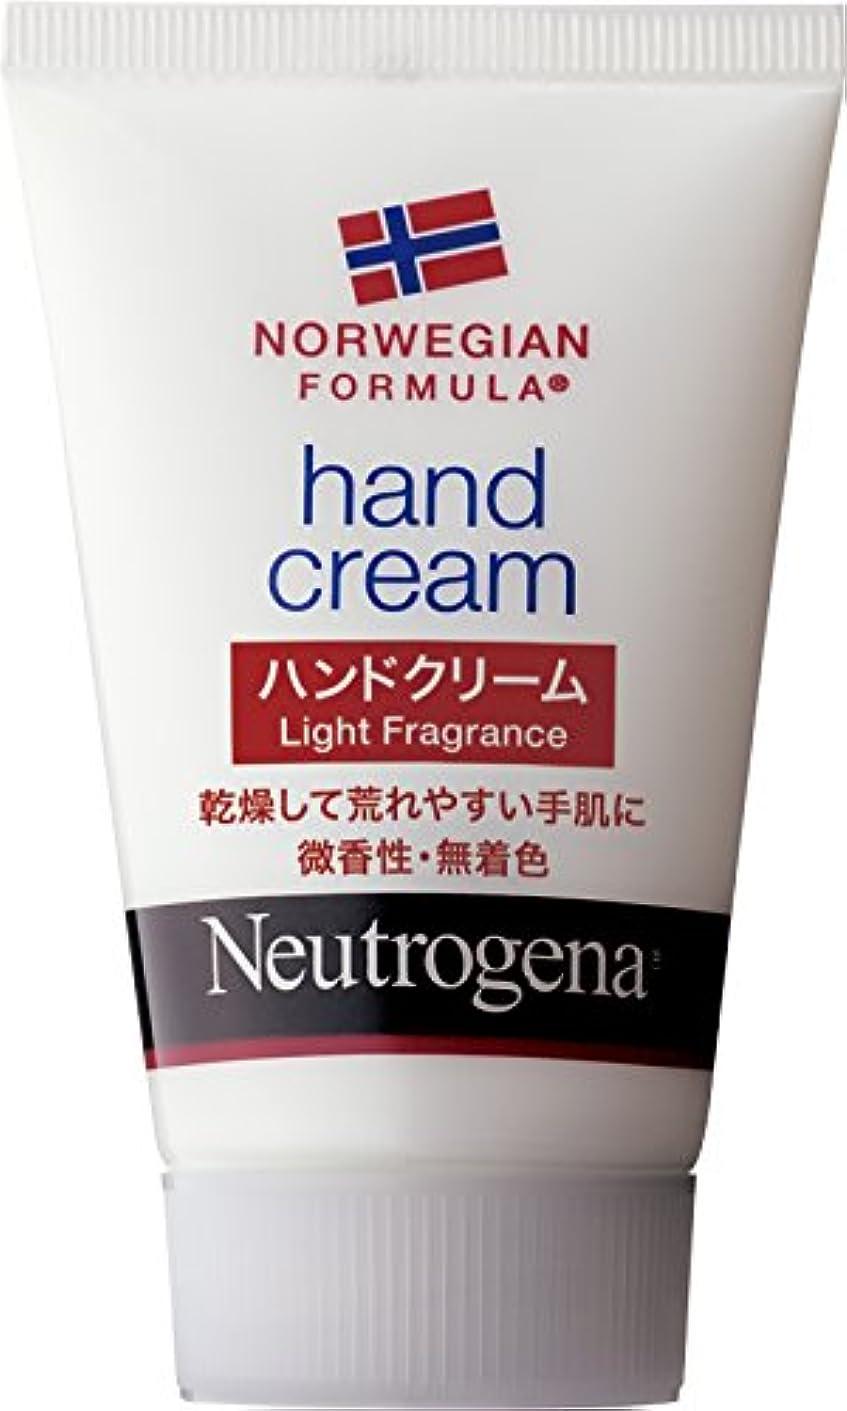 受動的怖がらせる彼のNeutrogena(ニュートロジーナ)ノルウェーフォーミュラ ハンドクリーム 56g